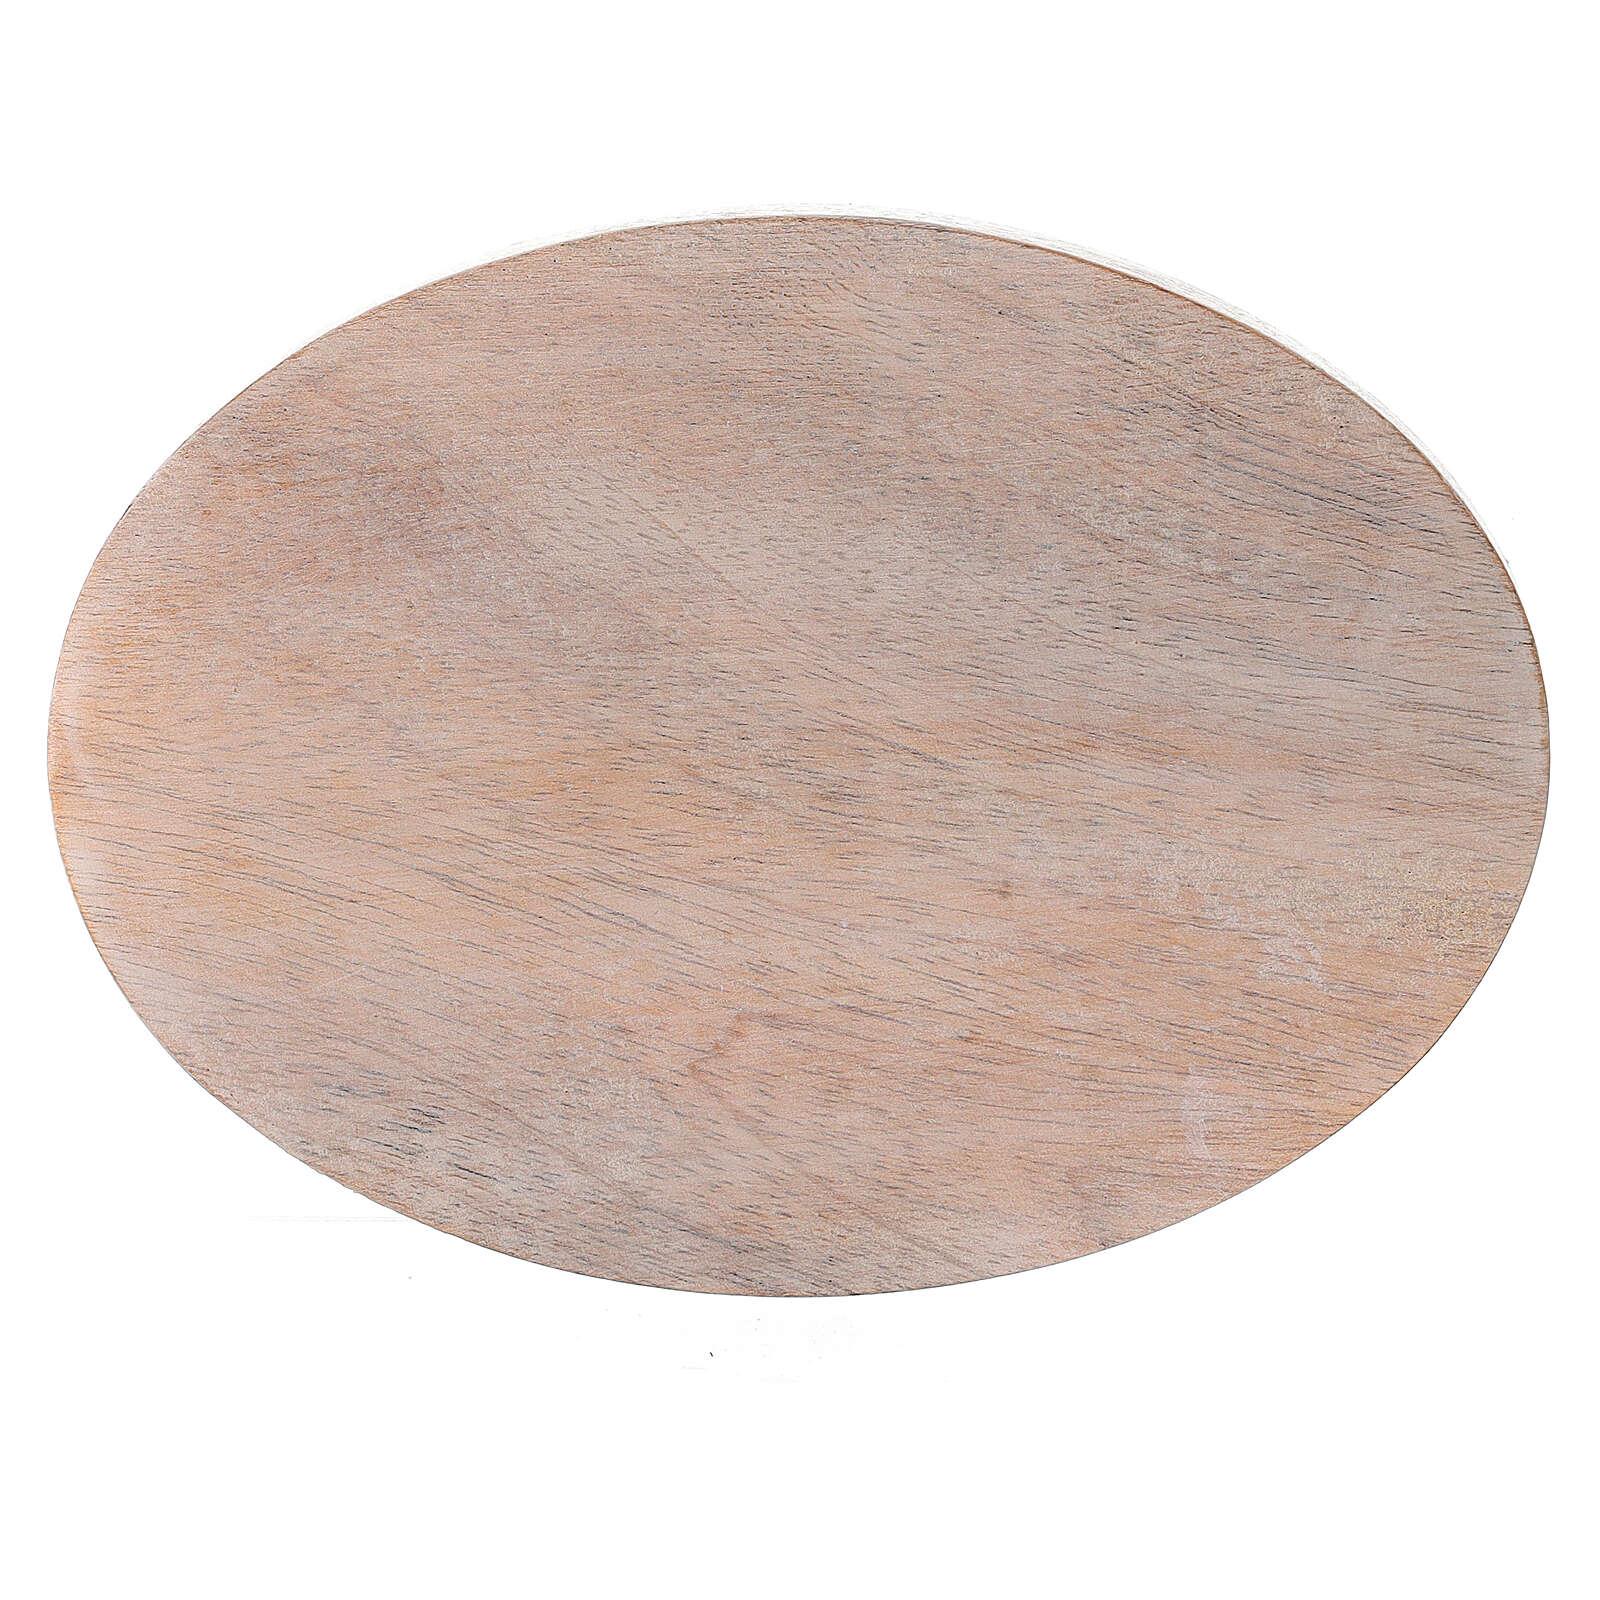 Prato porta-vela madeira mangueira clara oval 13,5x10 cm 3